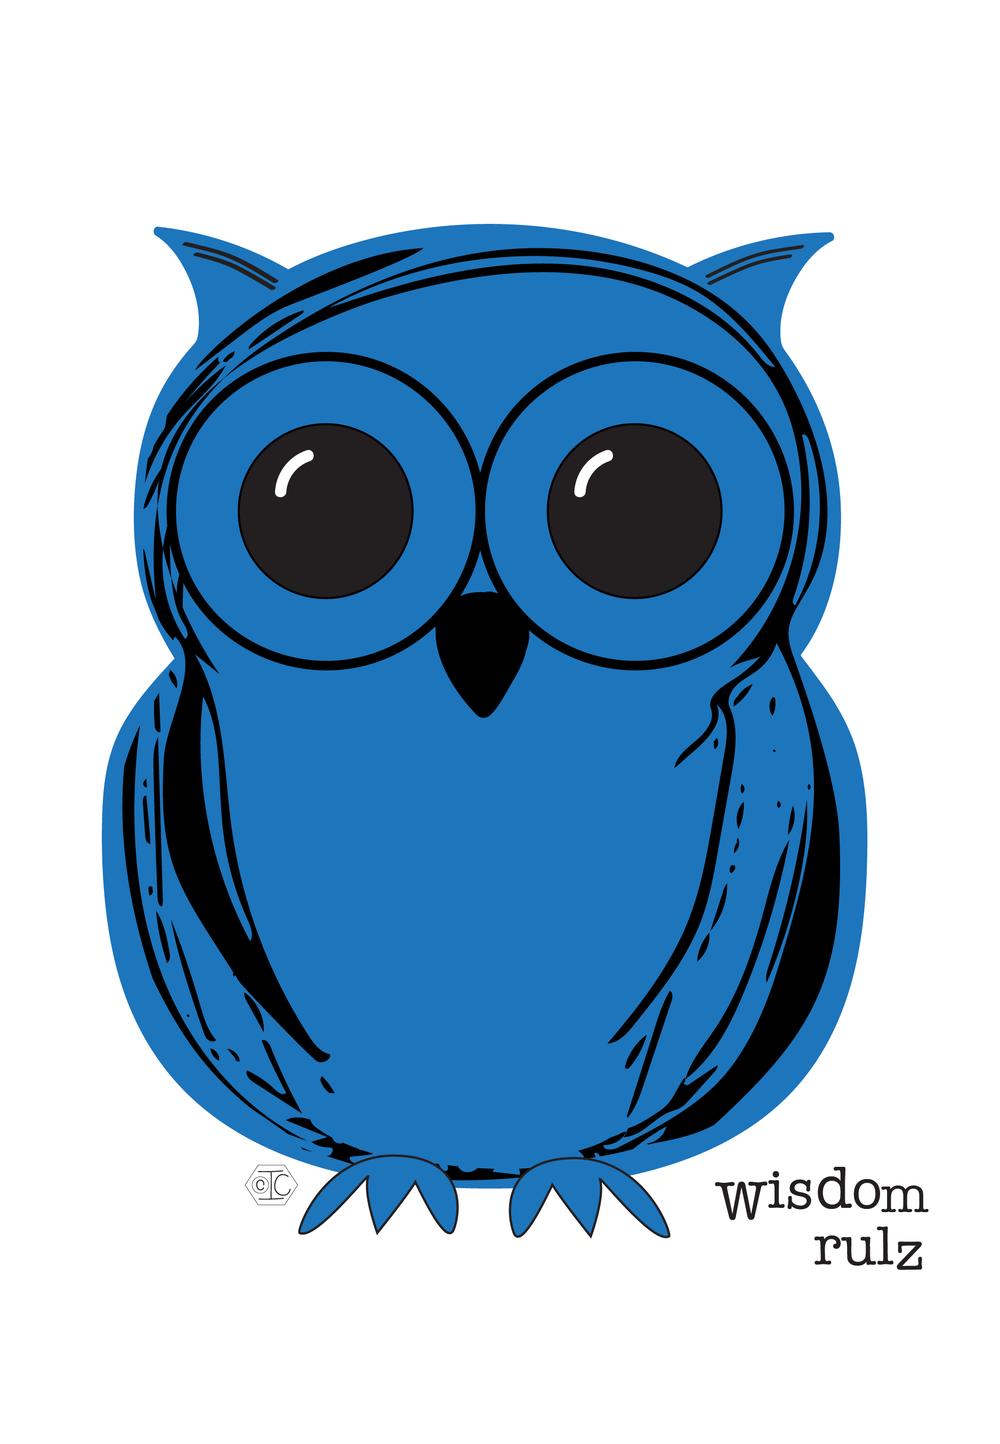 Owl wisdom rulz_GreetingCard 900x1300px.png